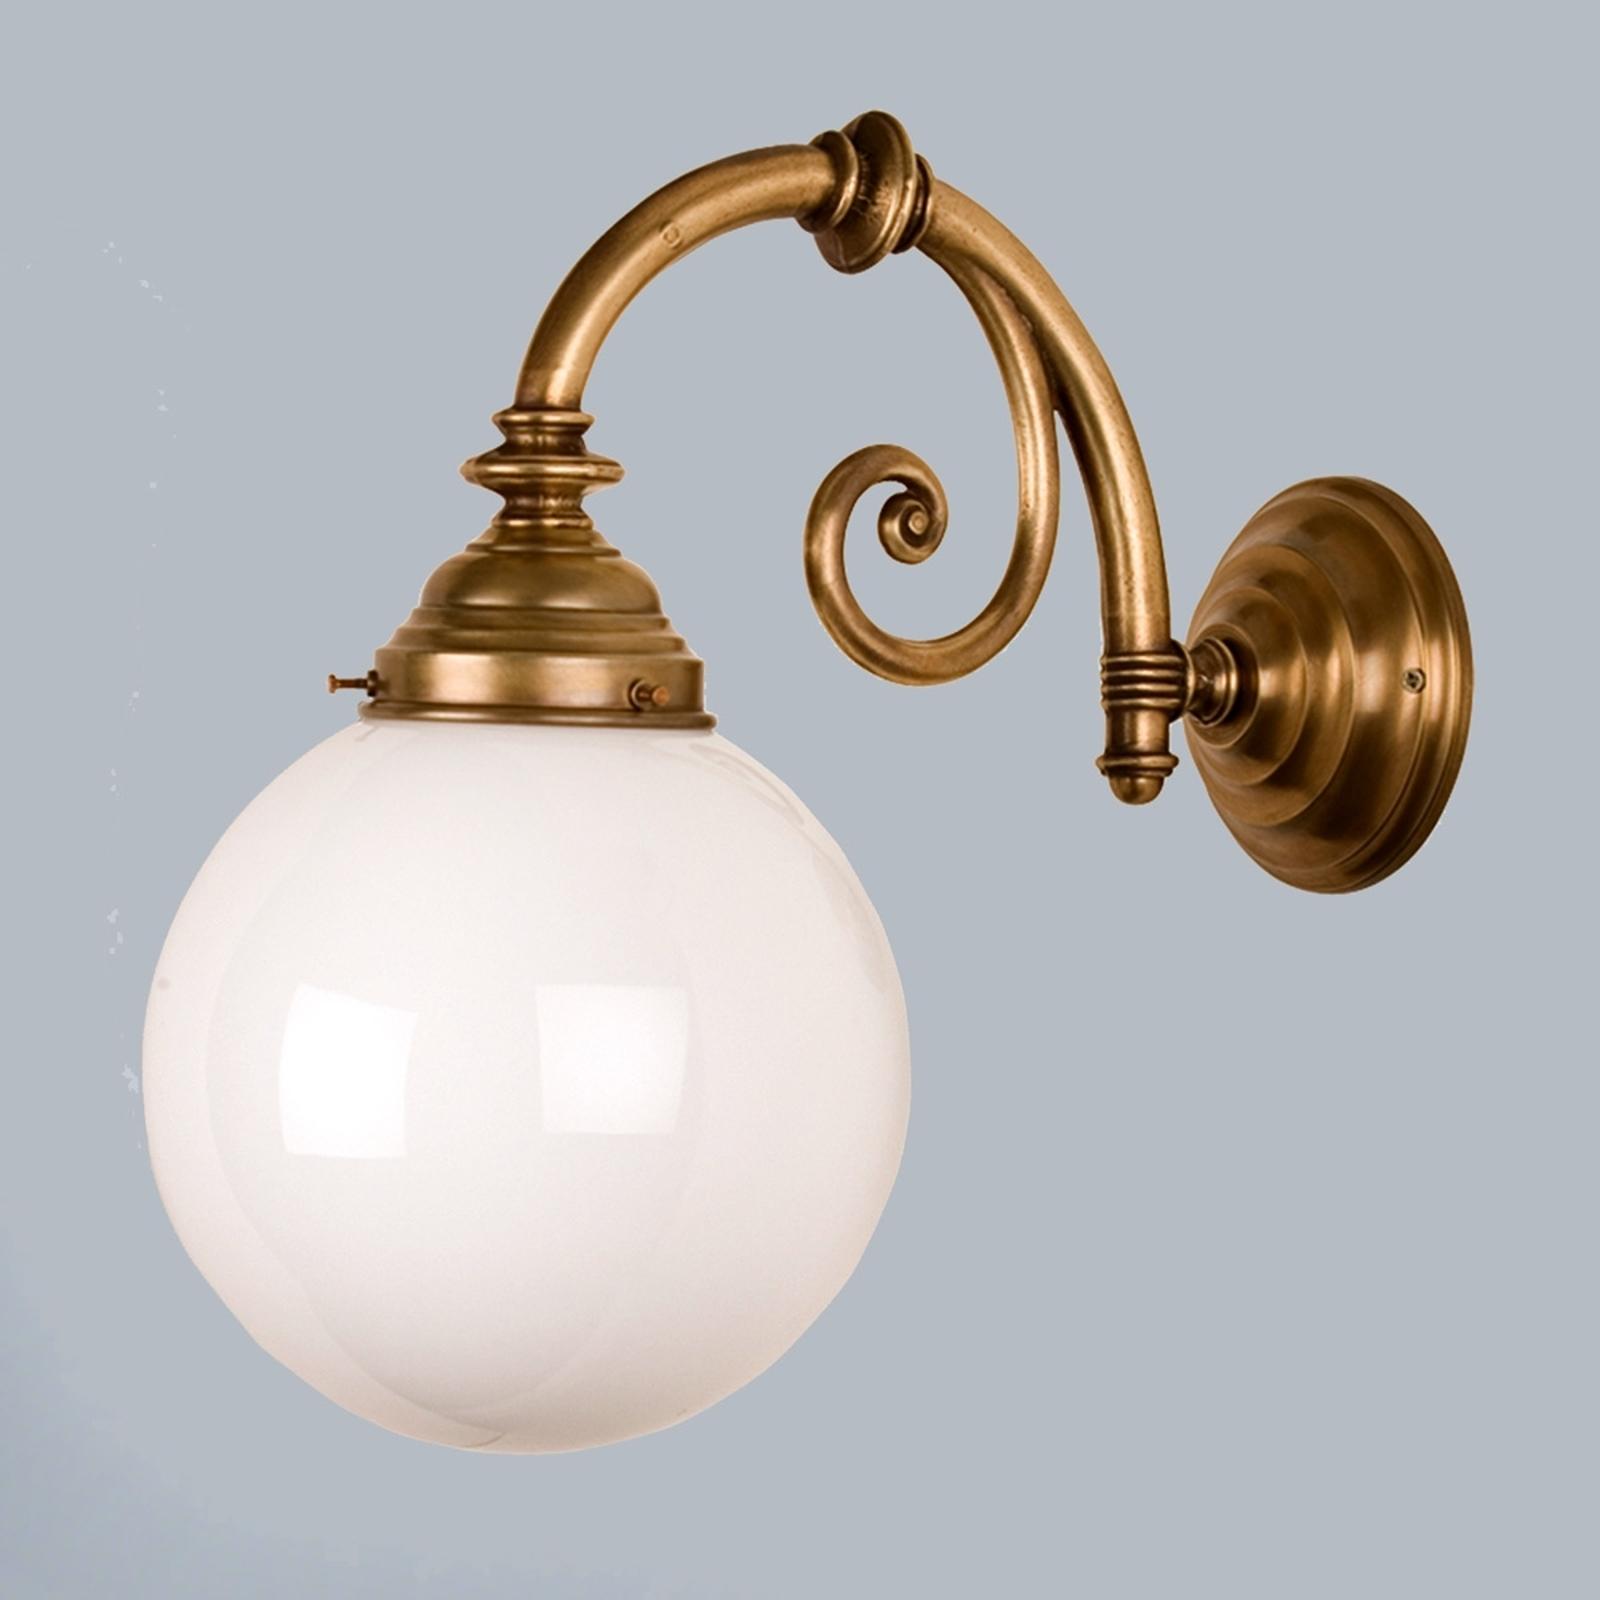 Frank brass wall light_1542103_1